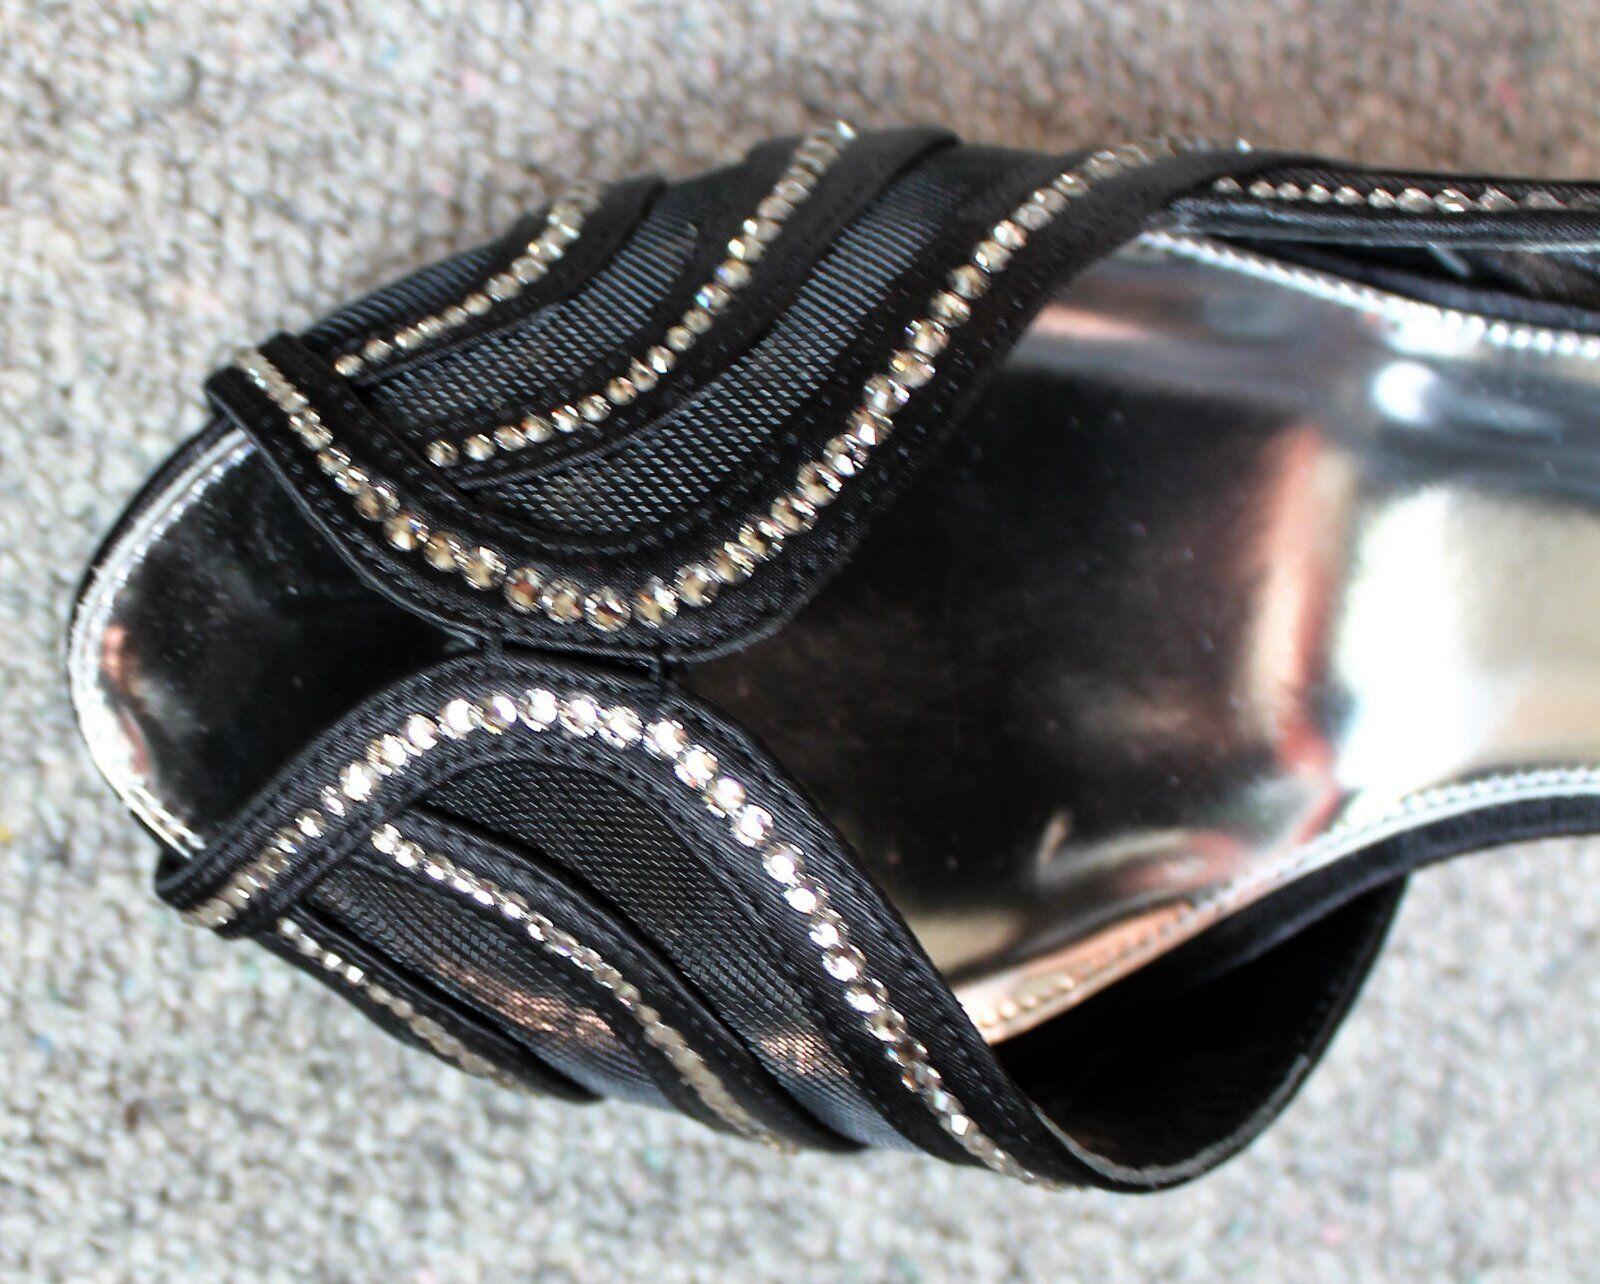 acquisti online SPLENDIDA maglia nero in pelle Karen Karen Karen Millen Con Tacco Alto Scarpe i dettagli di cristallo EU40  tutto in alta qualità e prezzo basso